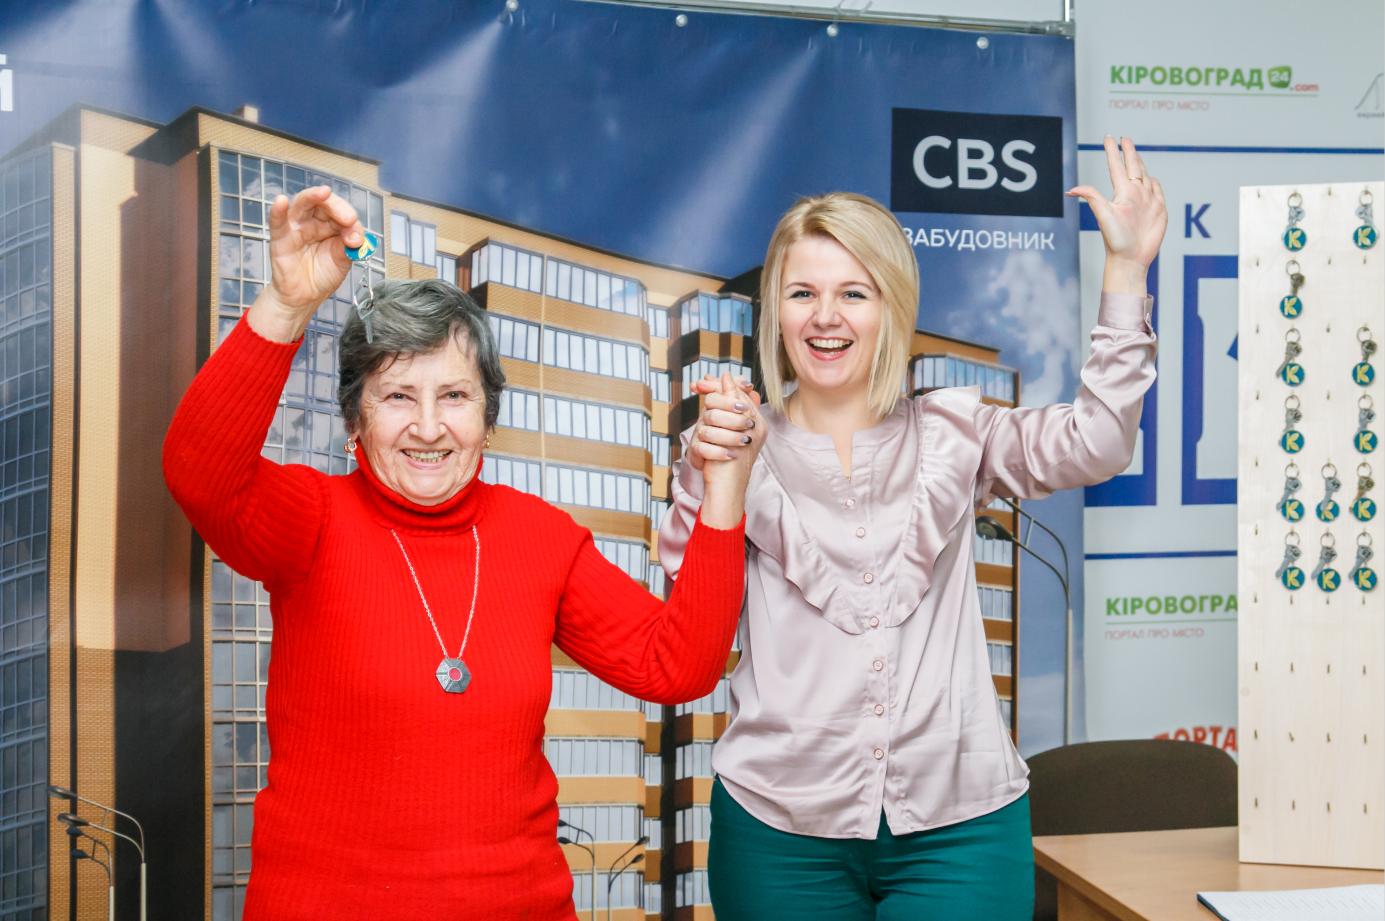 У Кропивницькому щасливі власники квартир другої черги житлового комплексу «Ковалівський» отримали свої ключі від забудовника «CBS Холдинг», фото-5